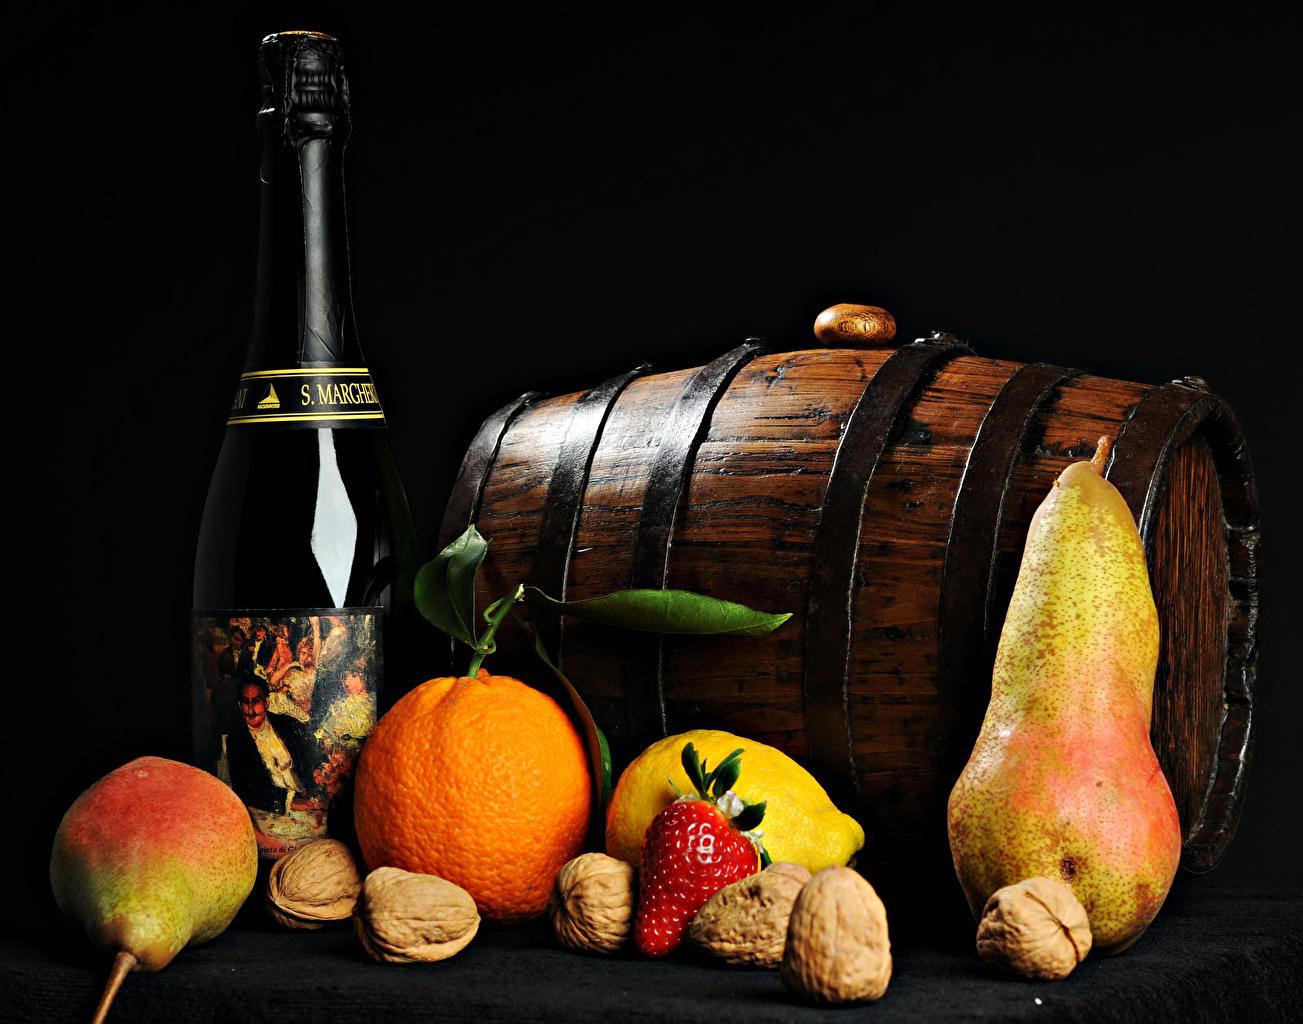 Картинка Вино Апельсин Груши Бочка Пища Фрукты Бутылка Орехи на черном фоне Еда бутылки Продукты питания Черный фон